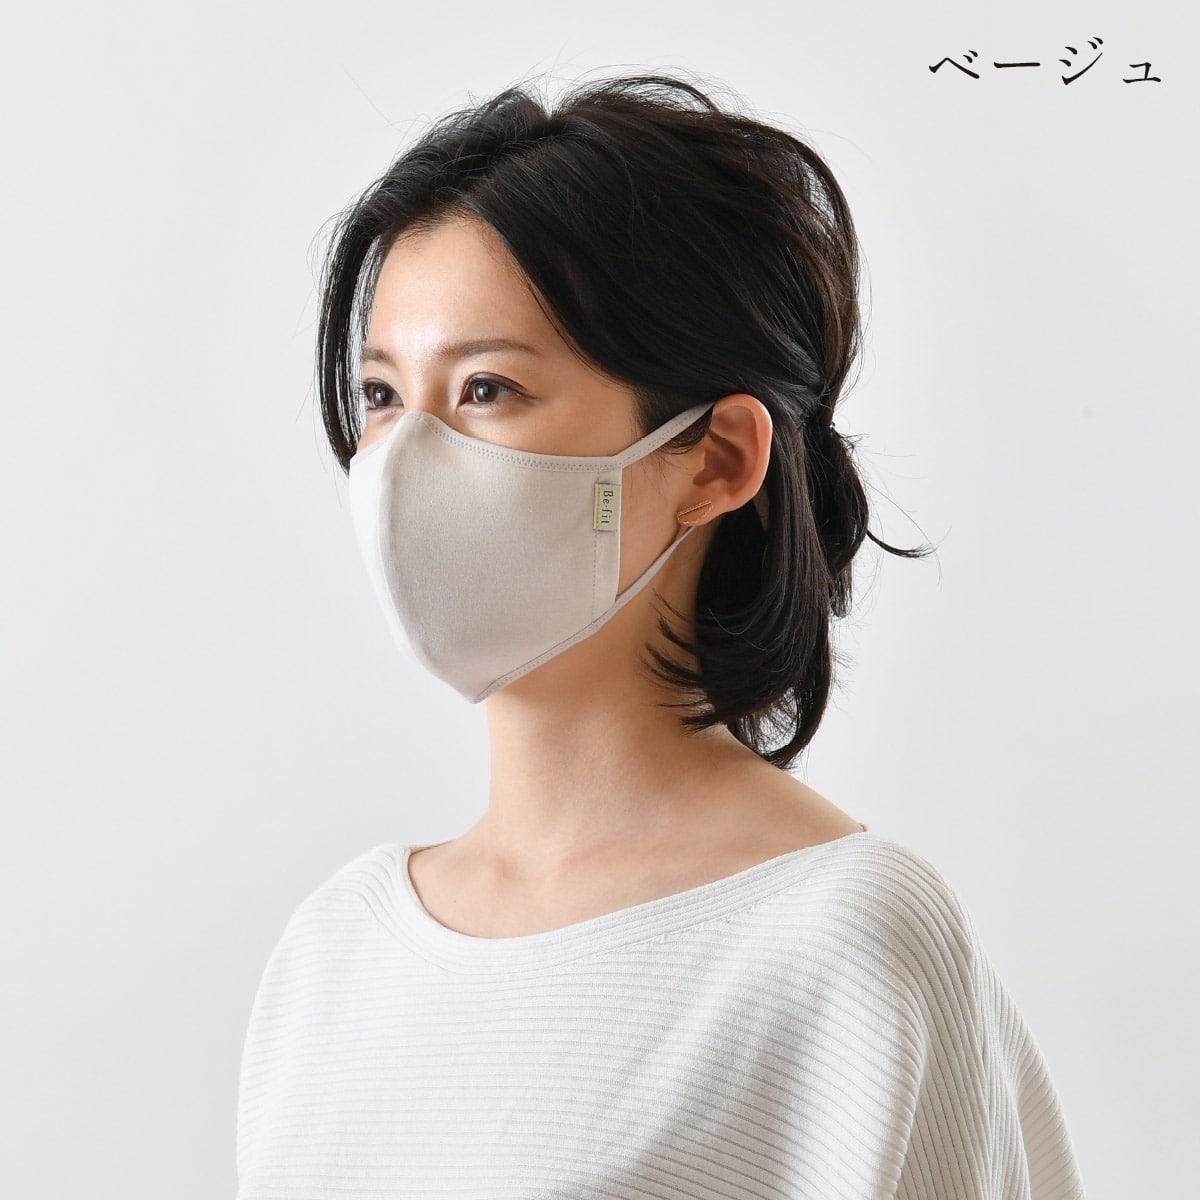 光電子 マスク インナー レディース 肌着 敏感肌 吸水性 放湿性 肌触り 年中 快適 国産 日本製 天然素材